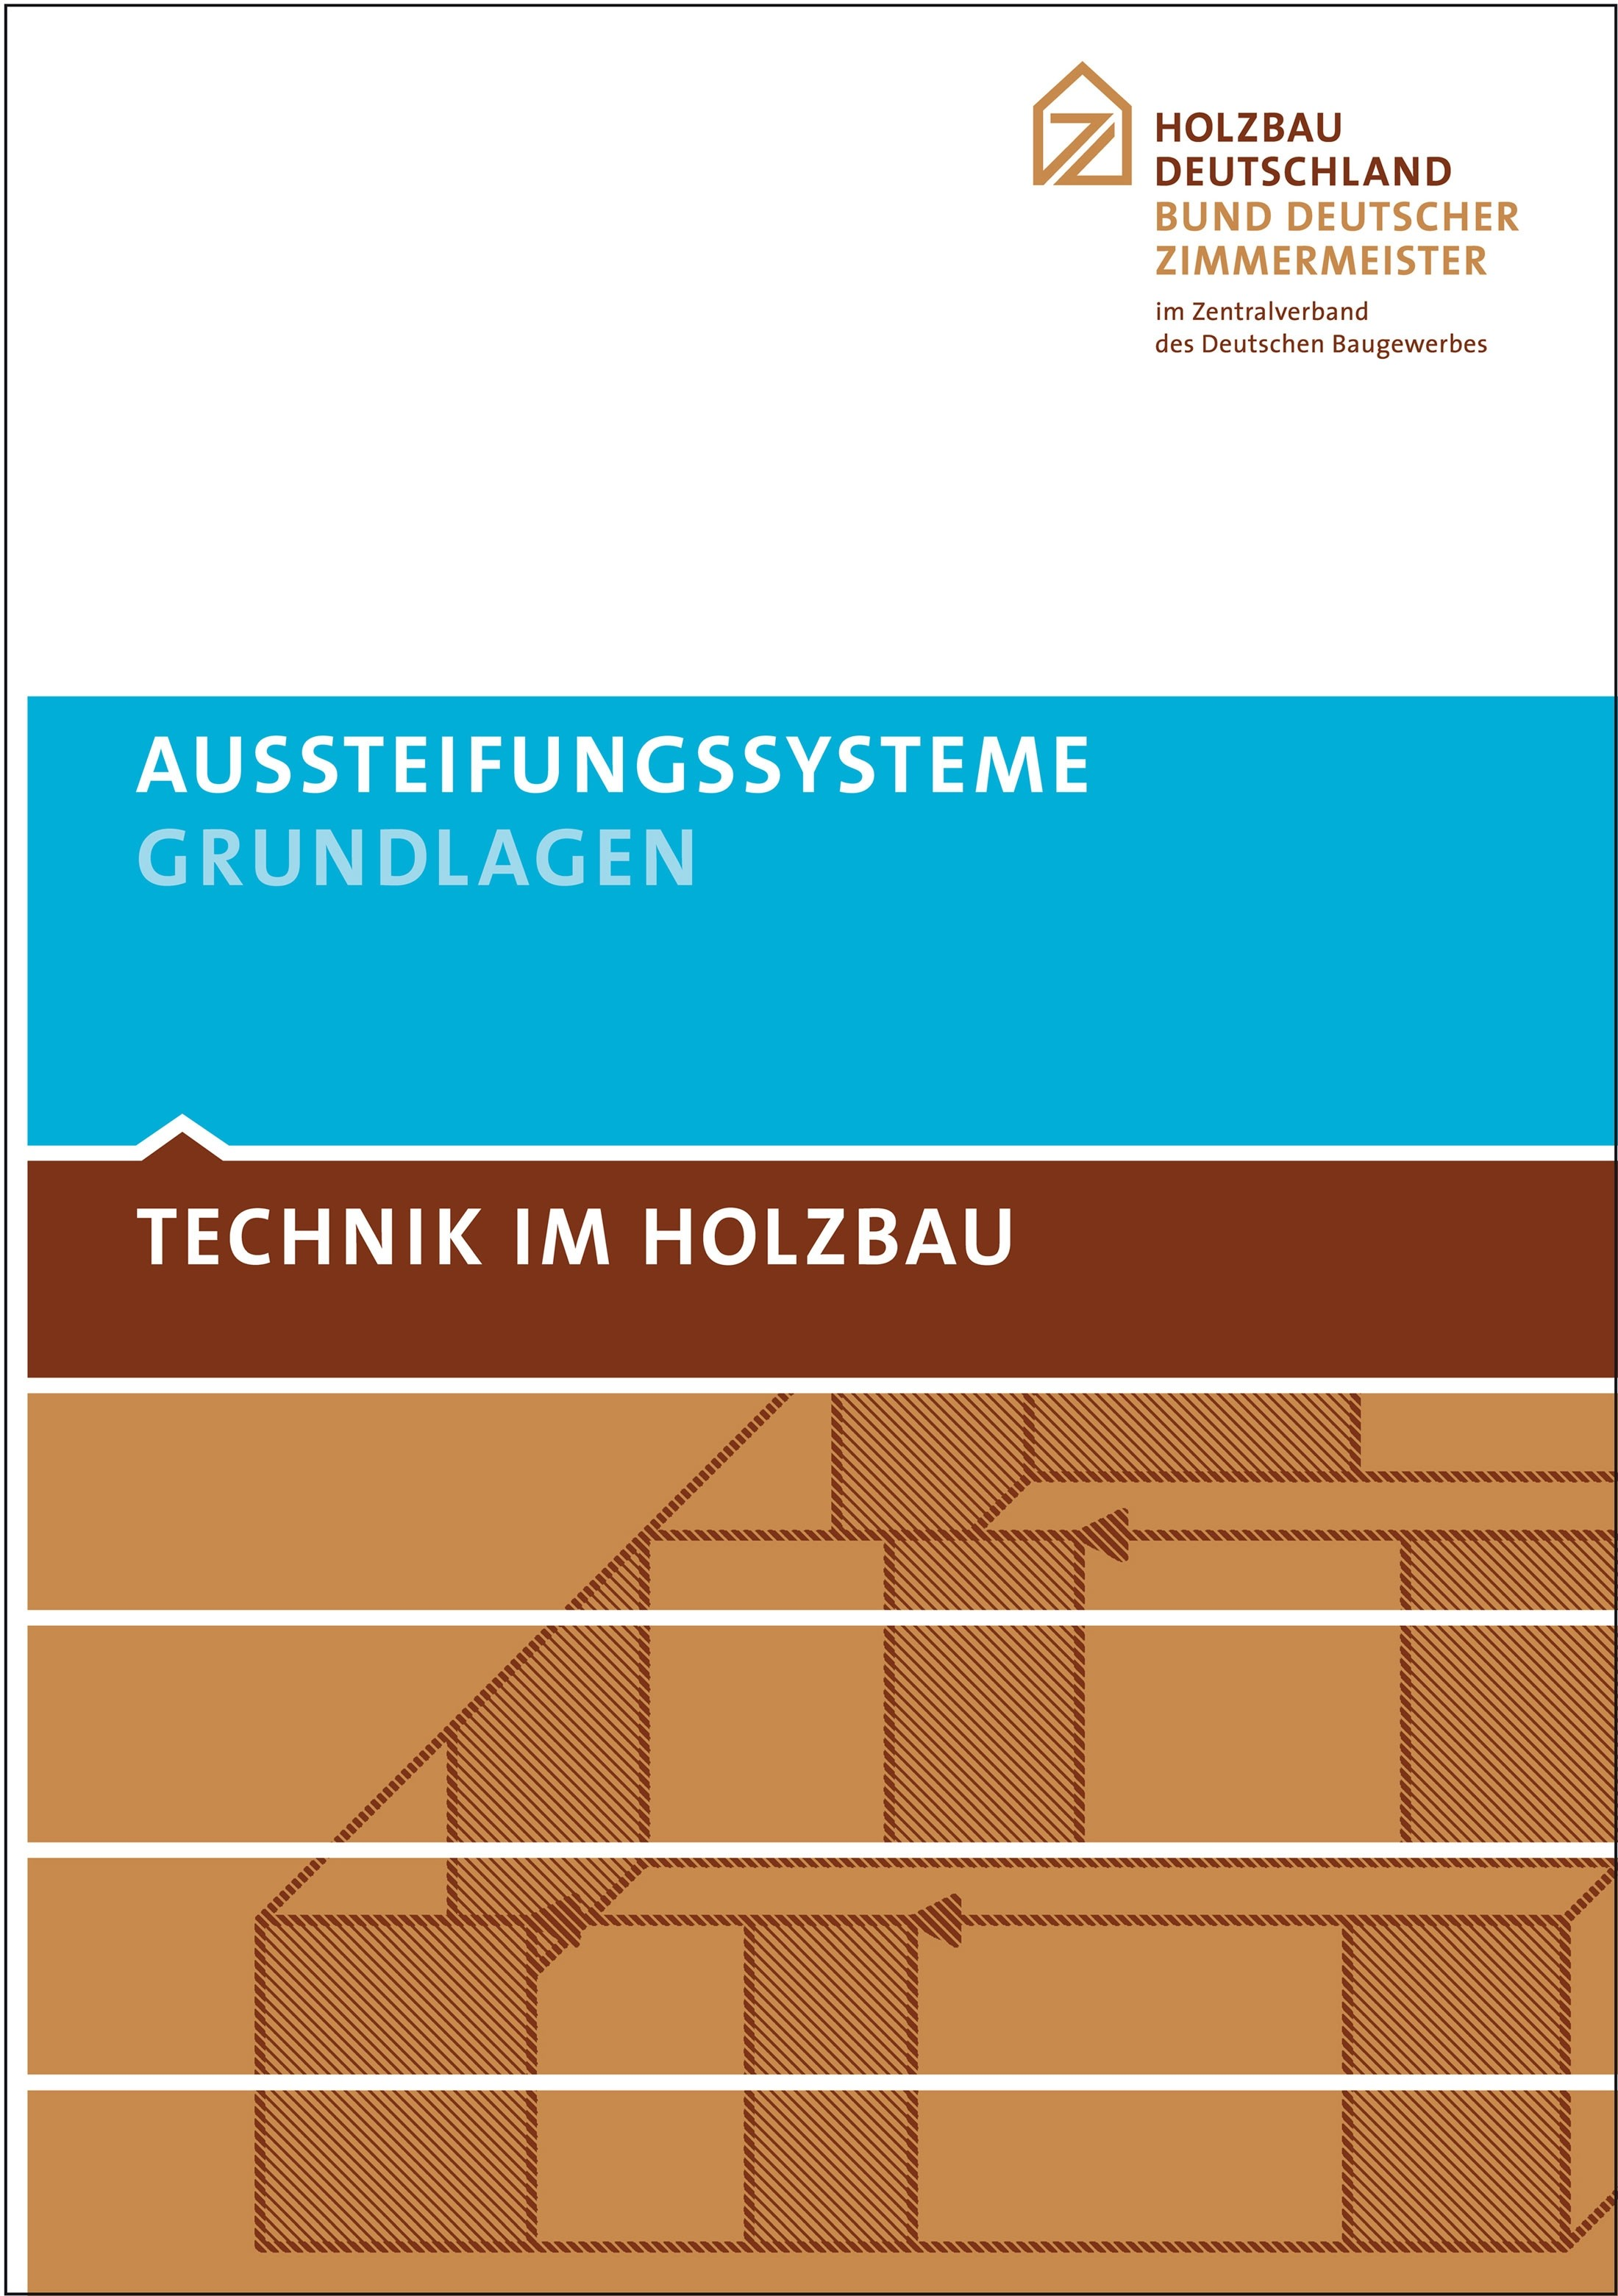 TECHNIK IM HOLZBAU Aussteifungssysteme 2. Auflage - Grundlagen